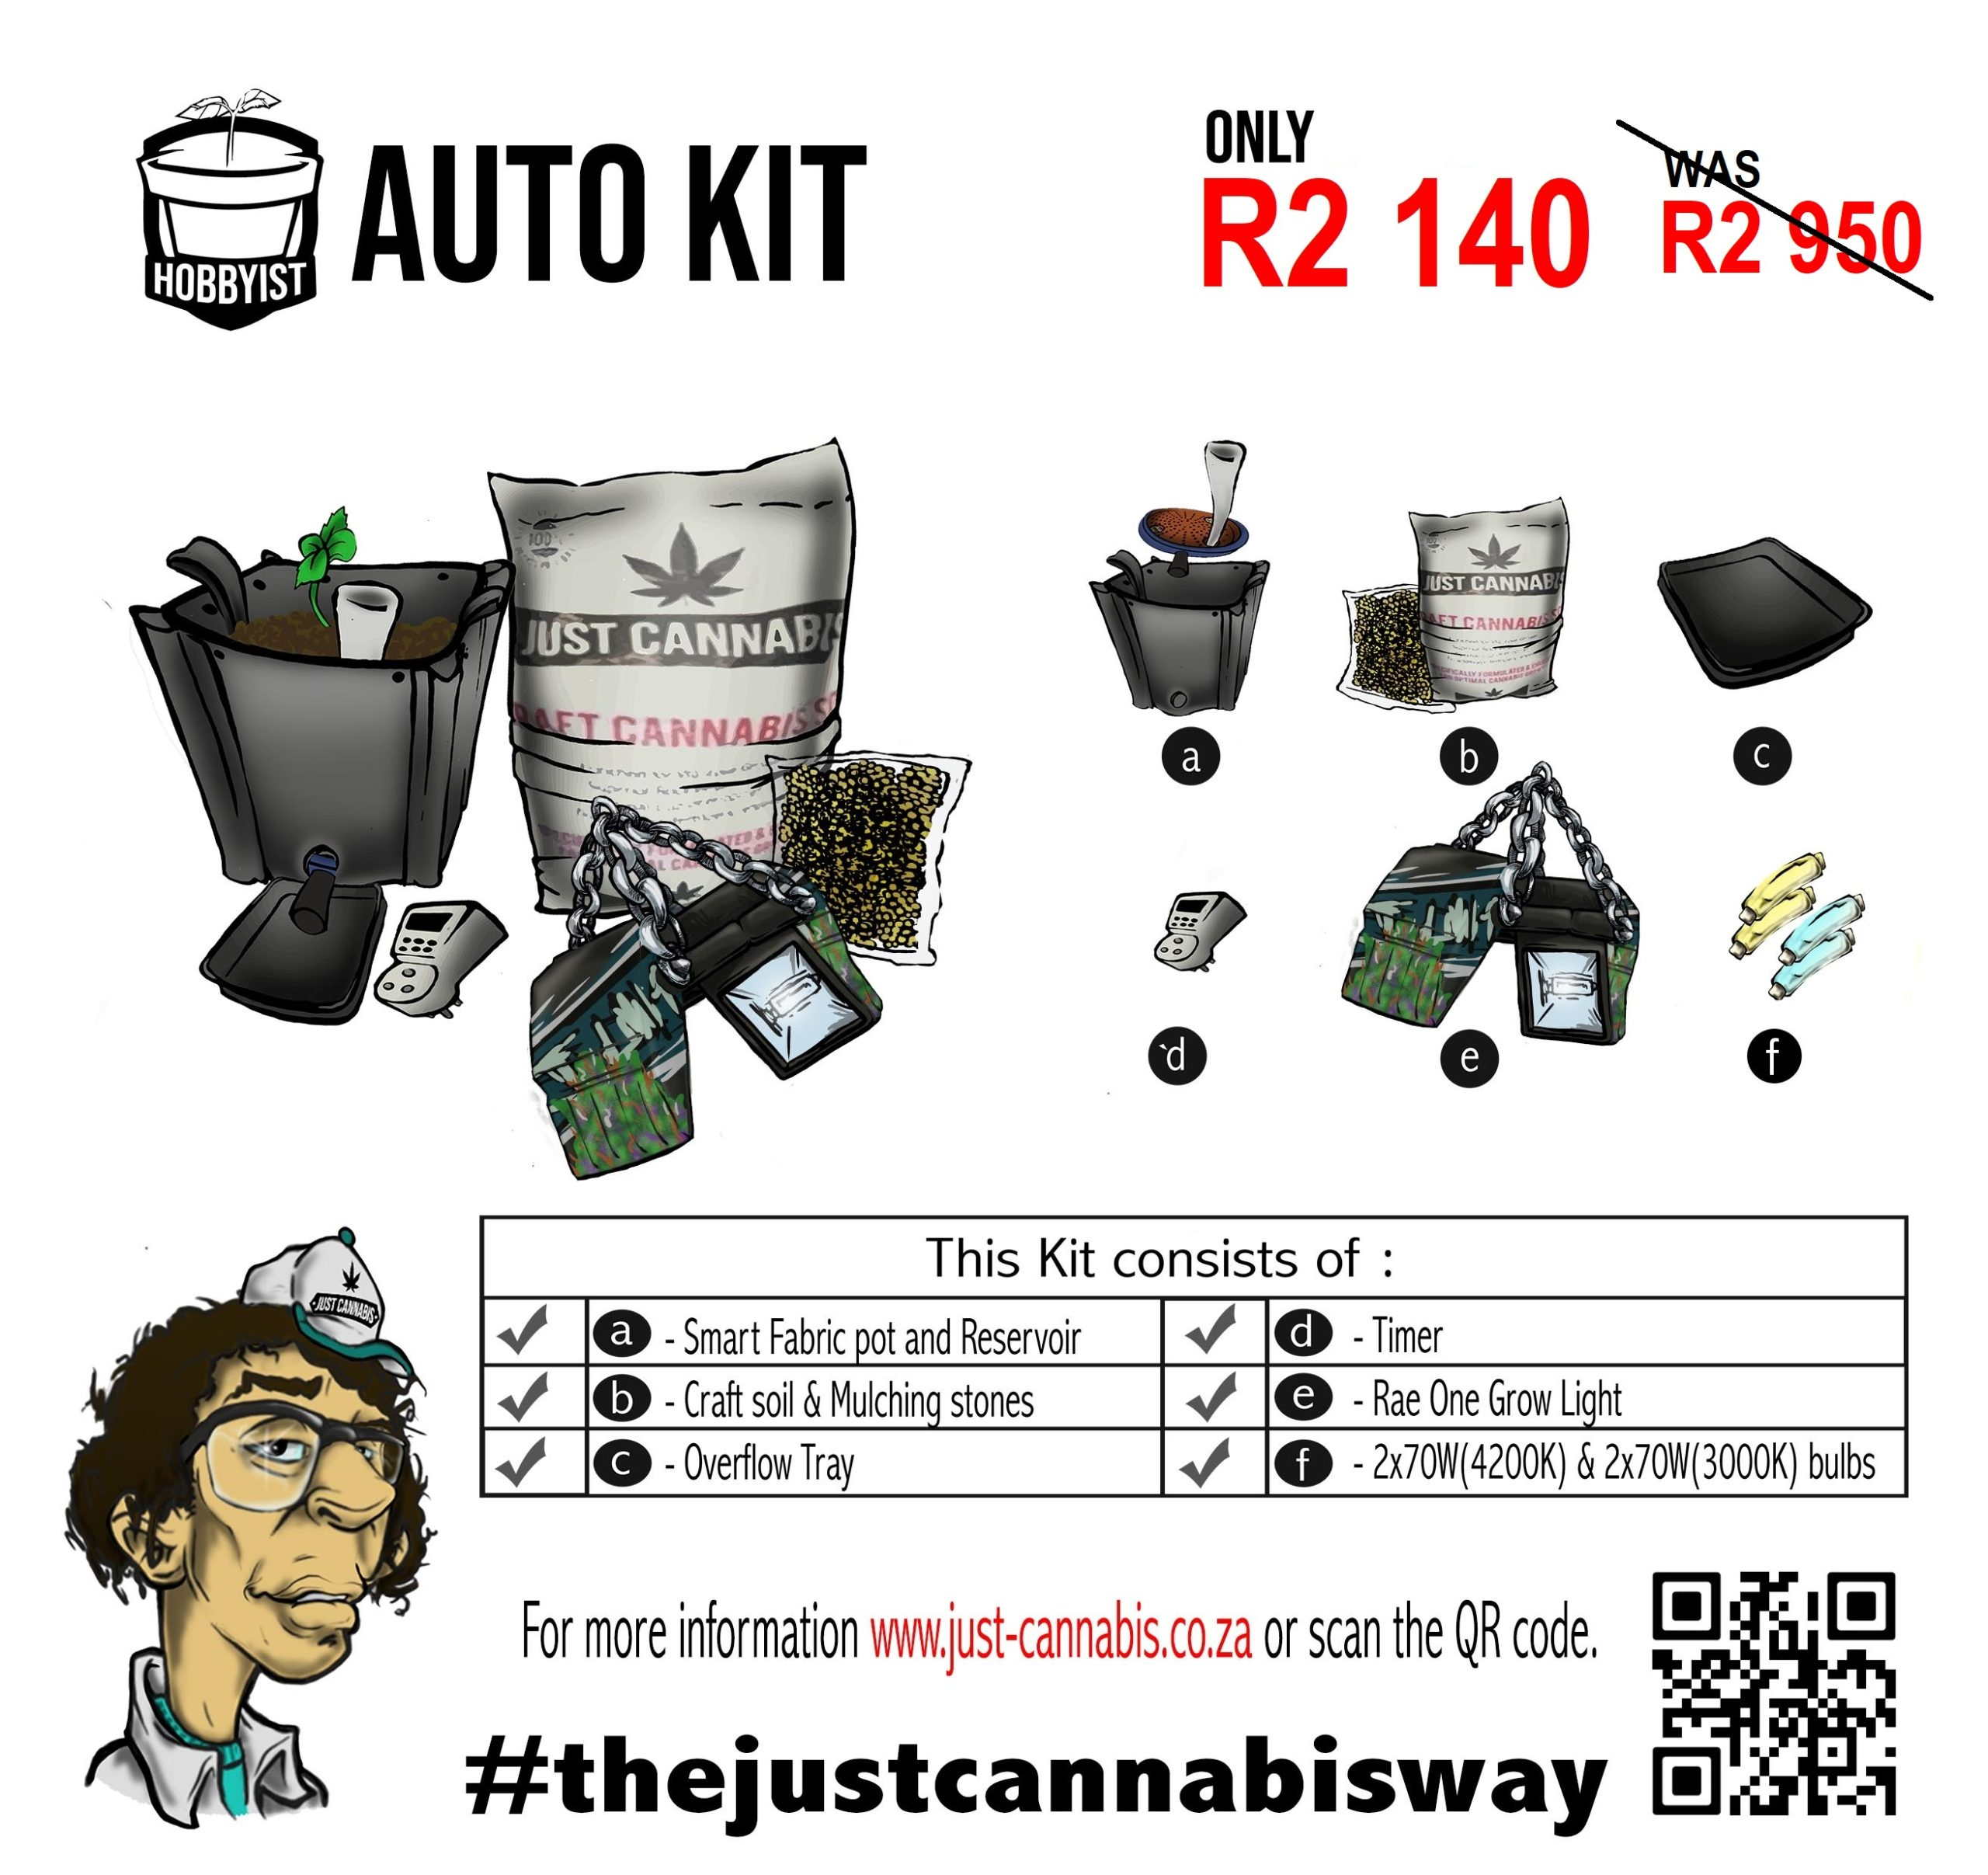 Hobbyist Auto Kit